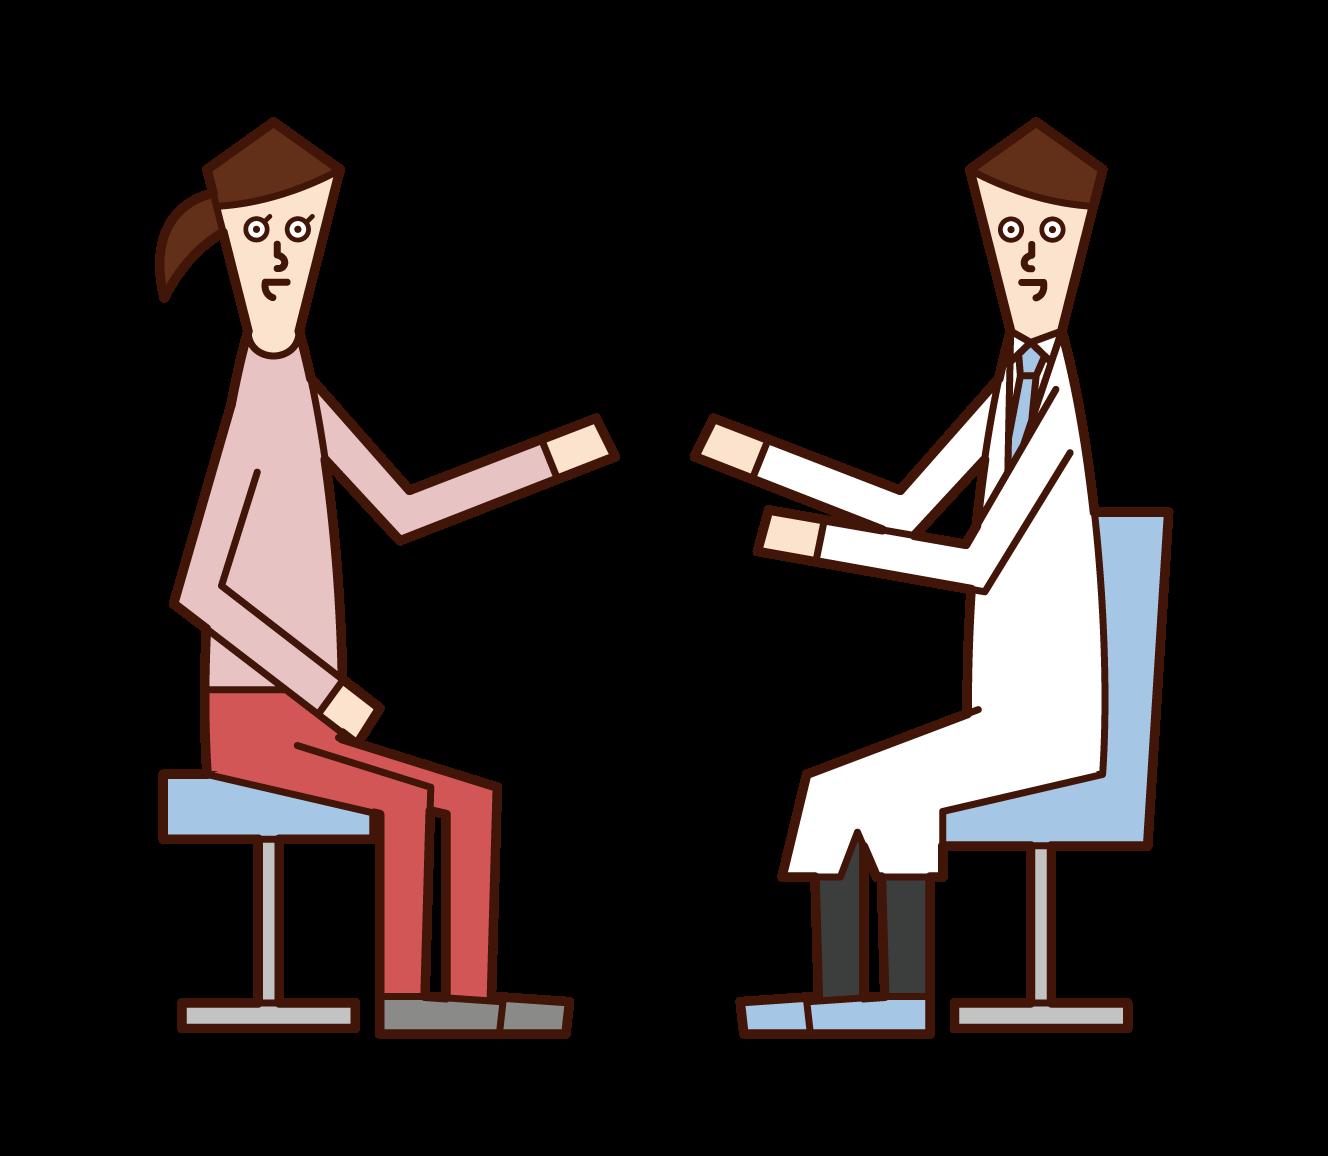 公認心理師(男性)のイラスト